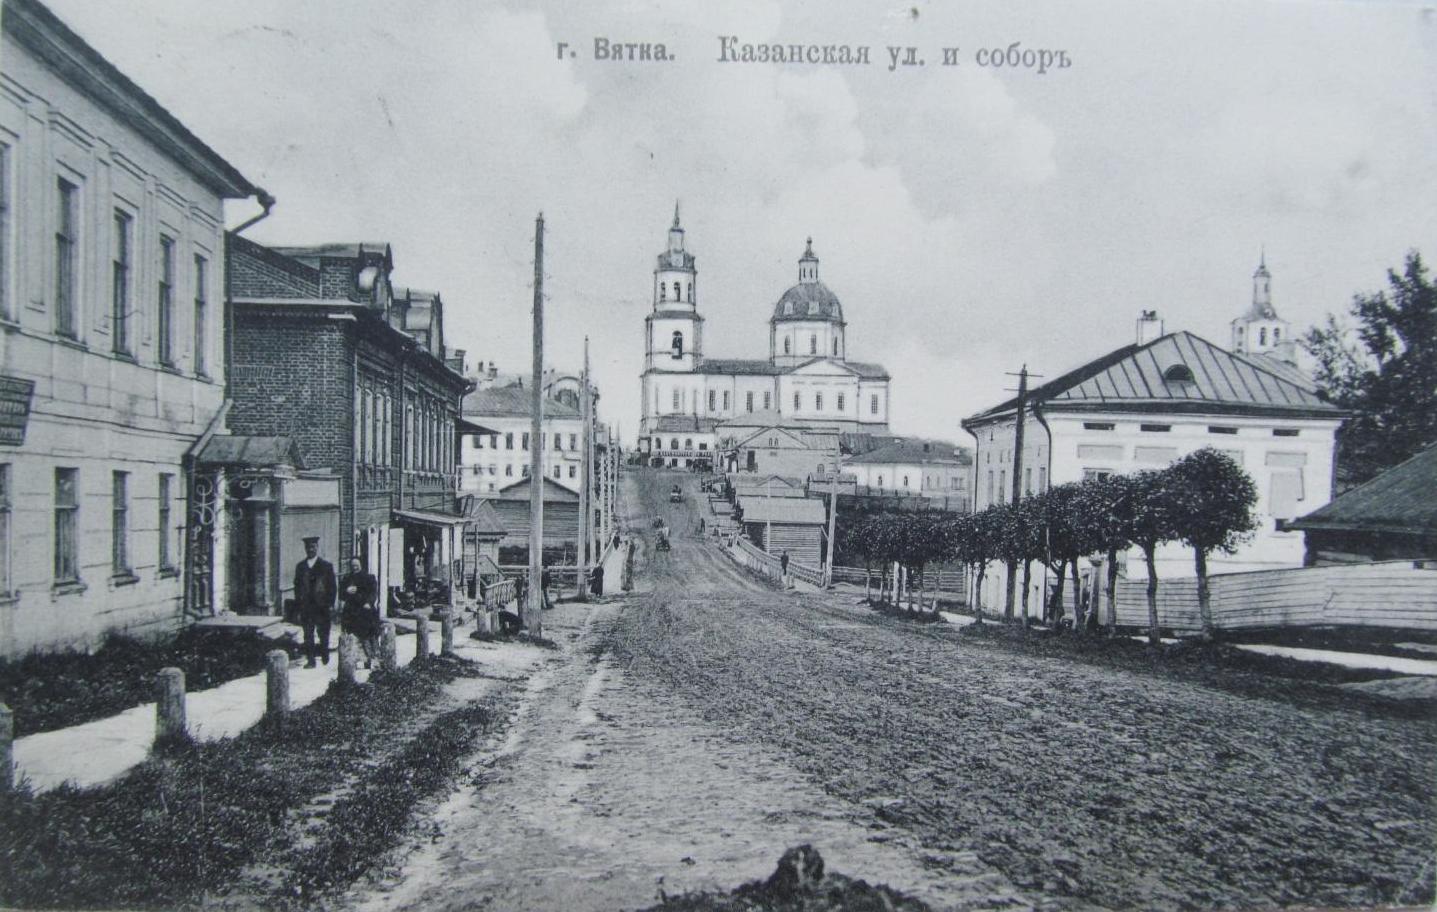 Казанская улица и собор